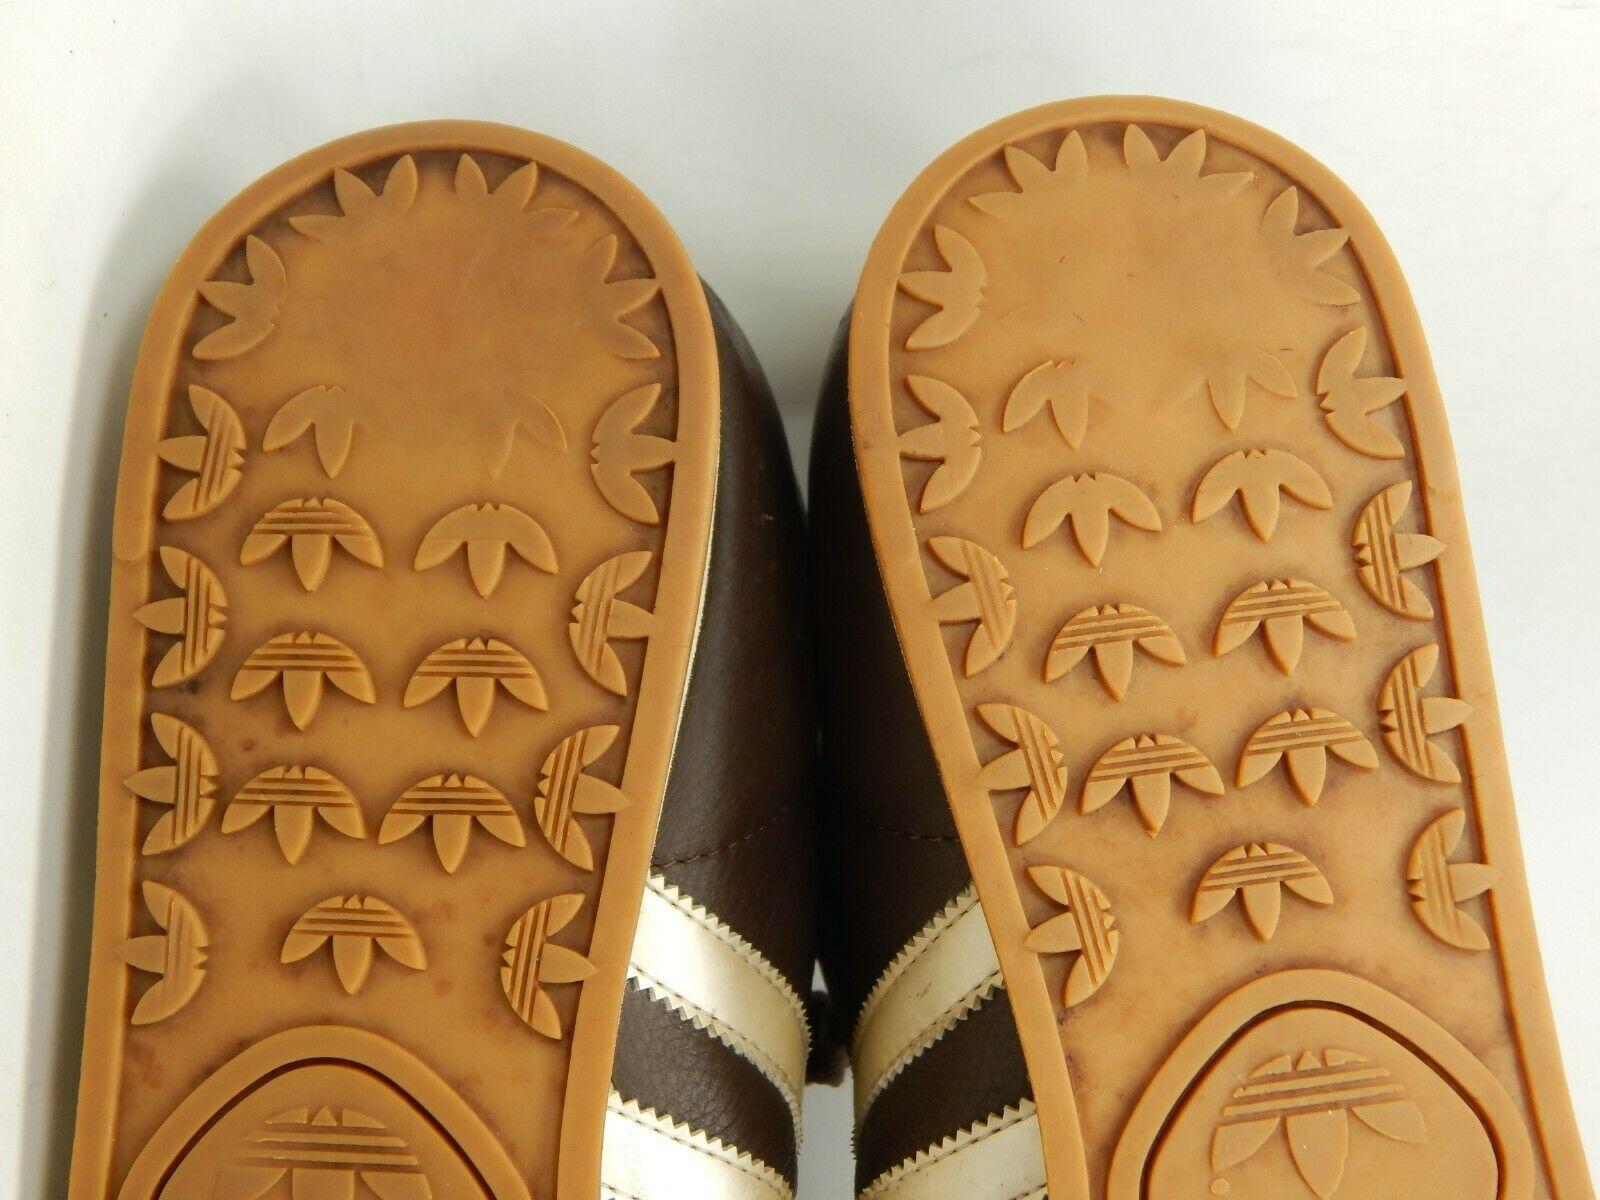 Adidas Samoa Größe Us 12 M (D) Eu 46 2/3 Herren Freizeit Turnschuhe Braun